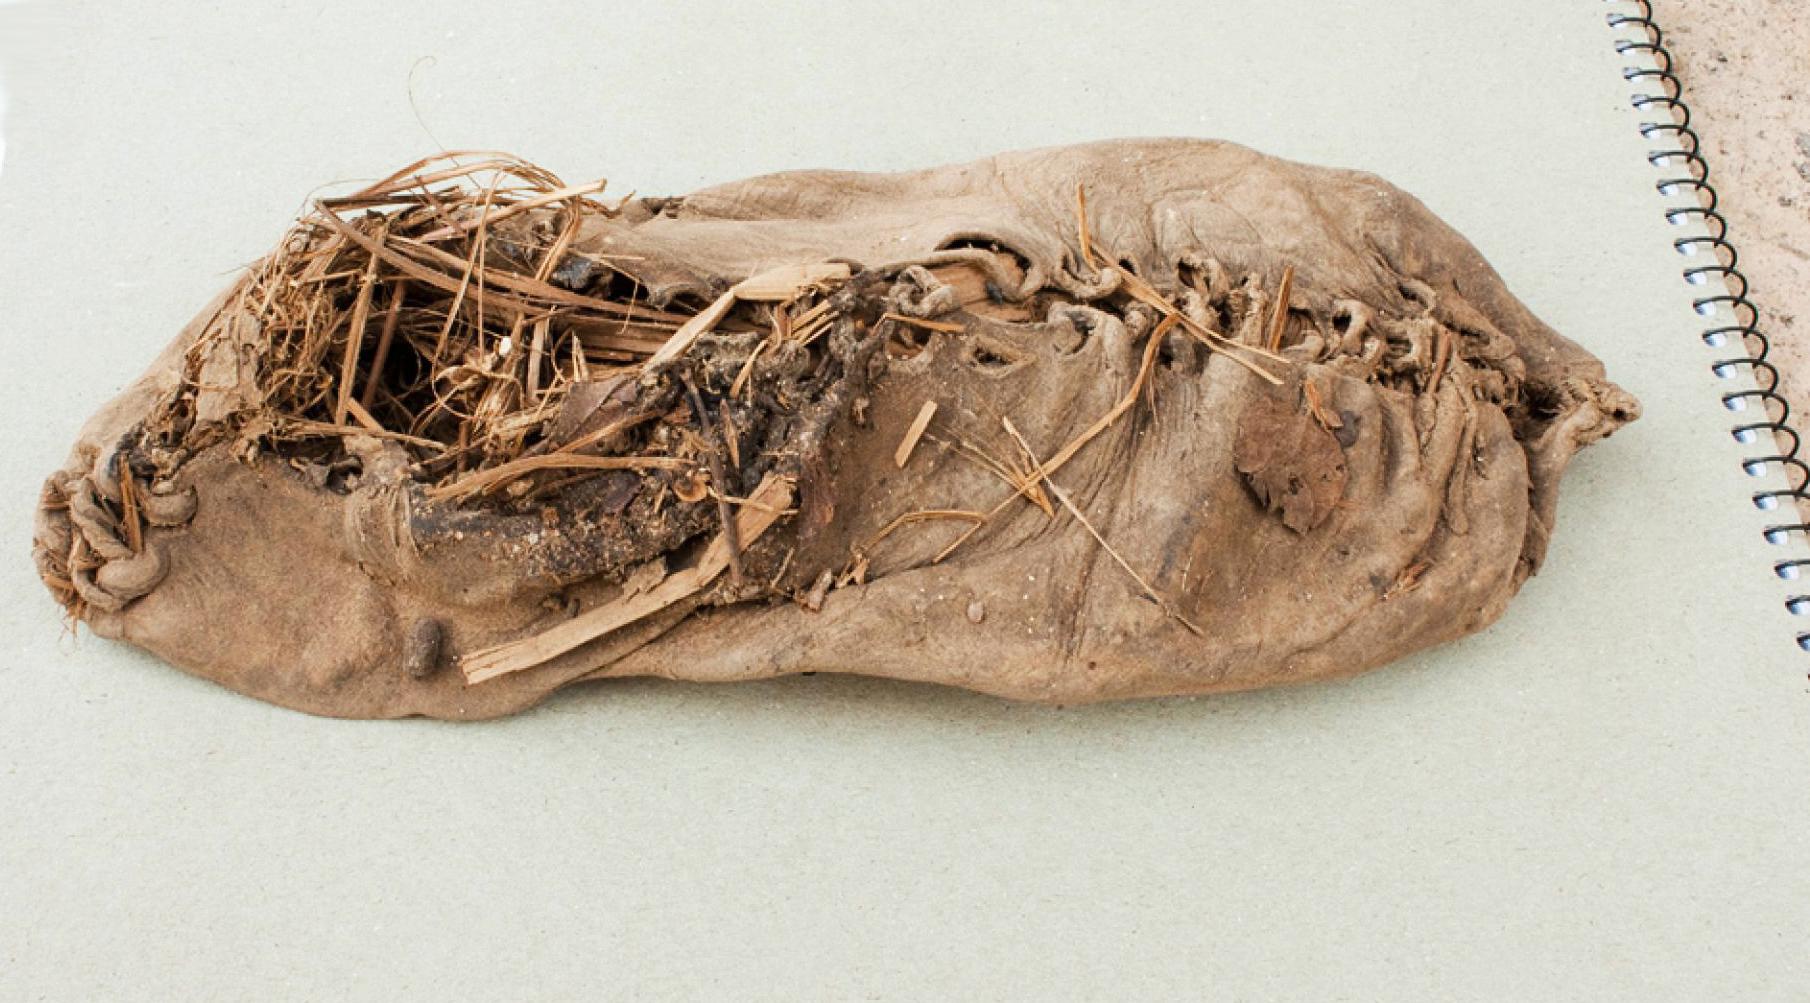 The Armenian Areni shoe